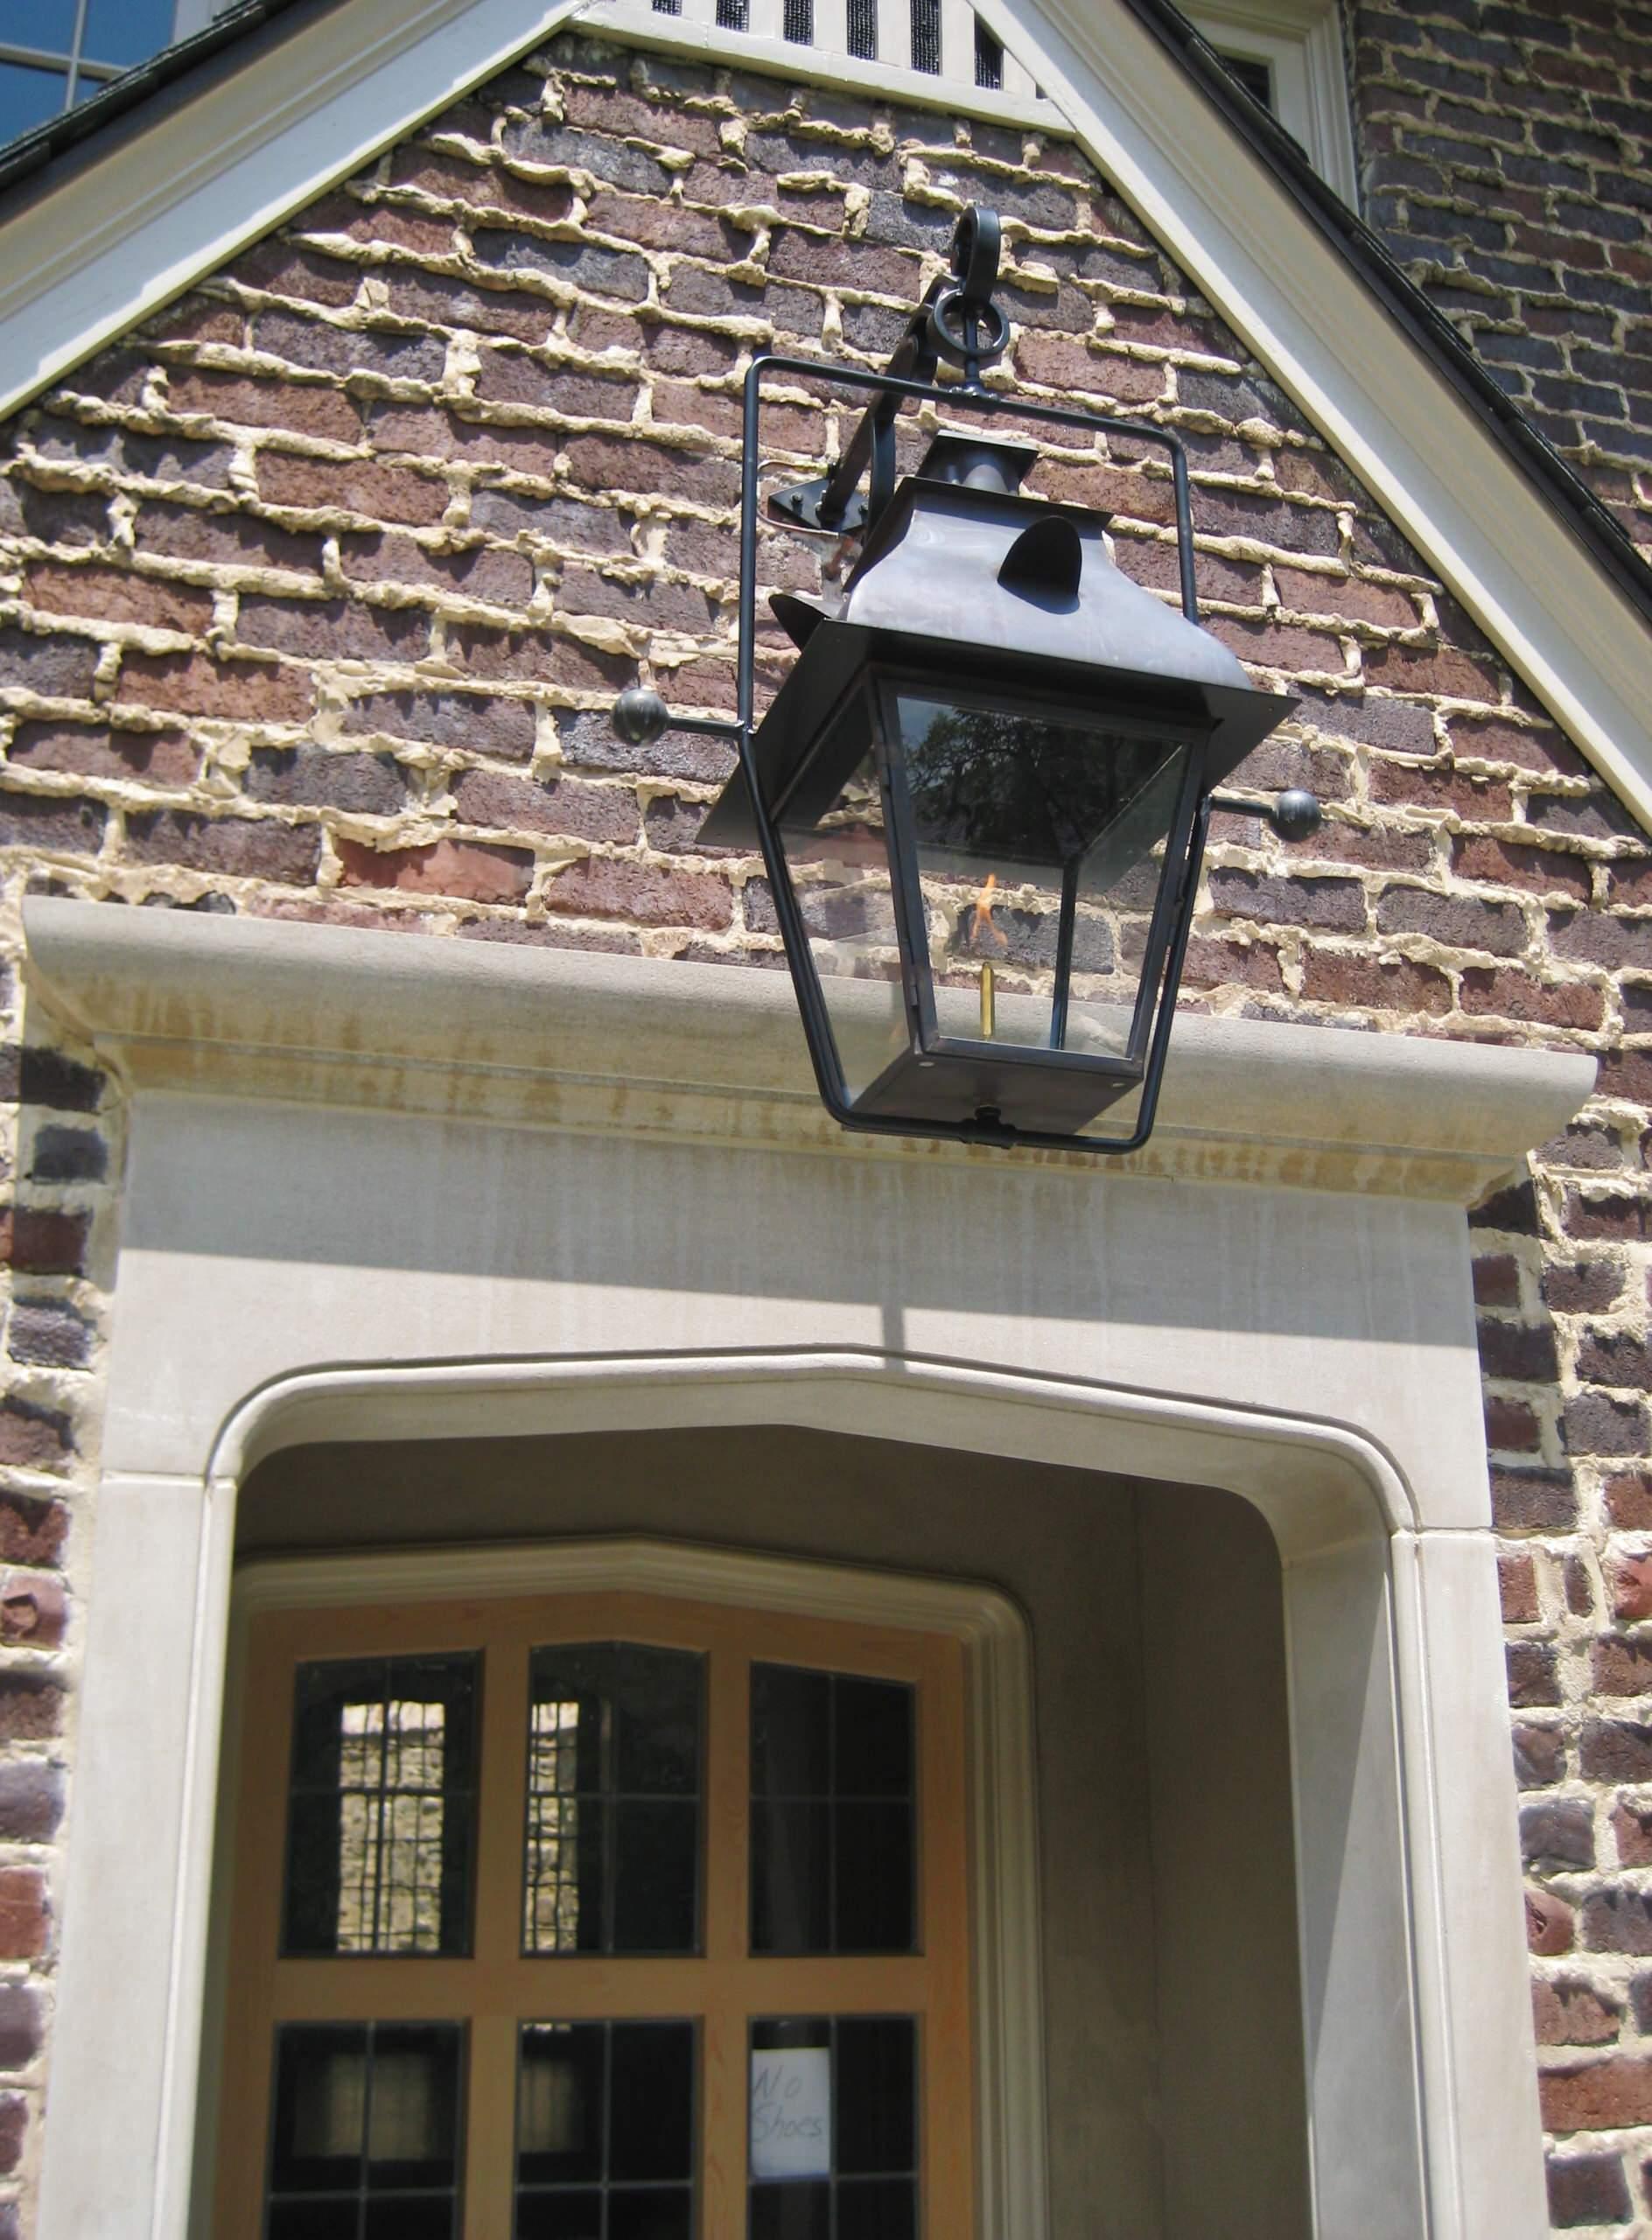 Sheryl's Birmingham Natural Gas Lanterns